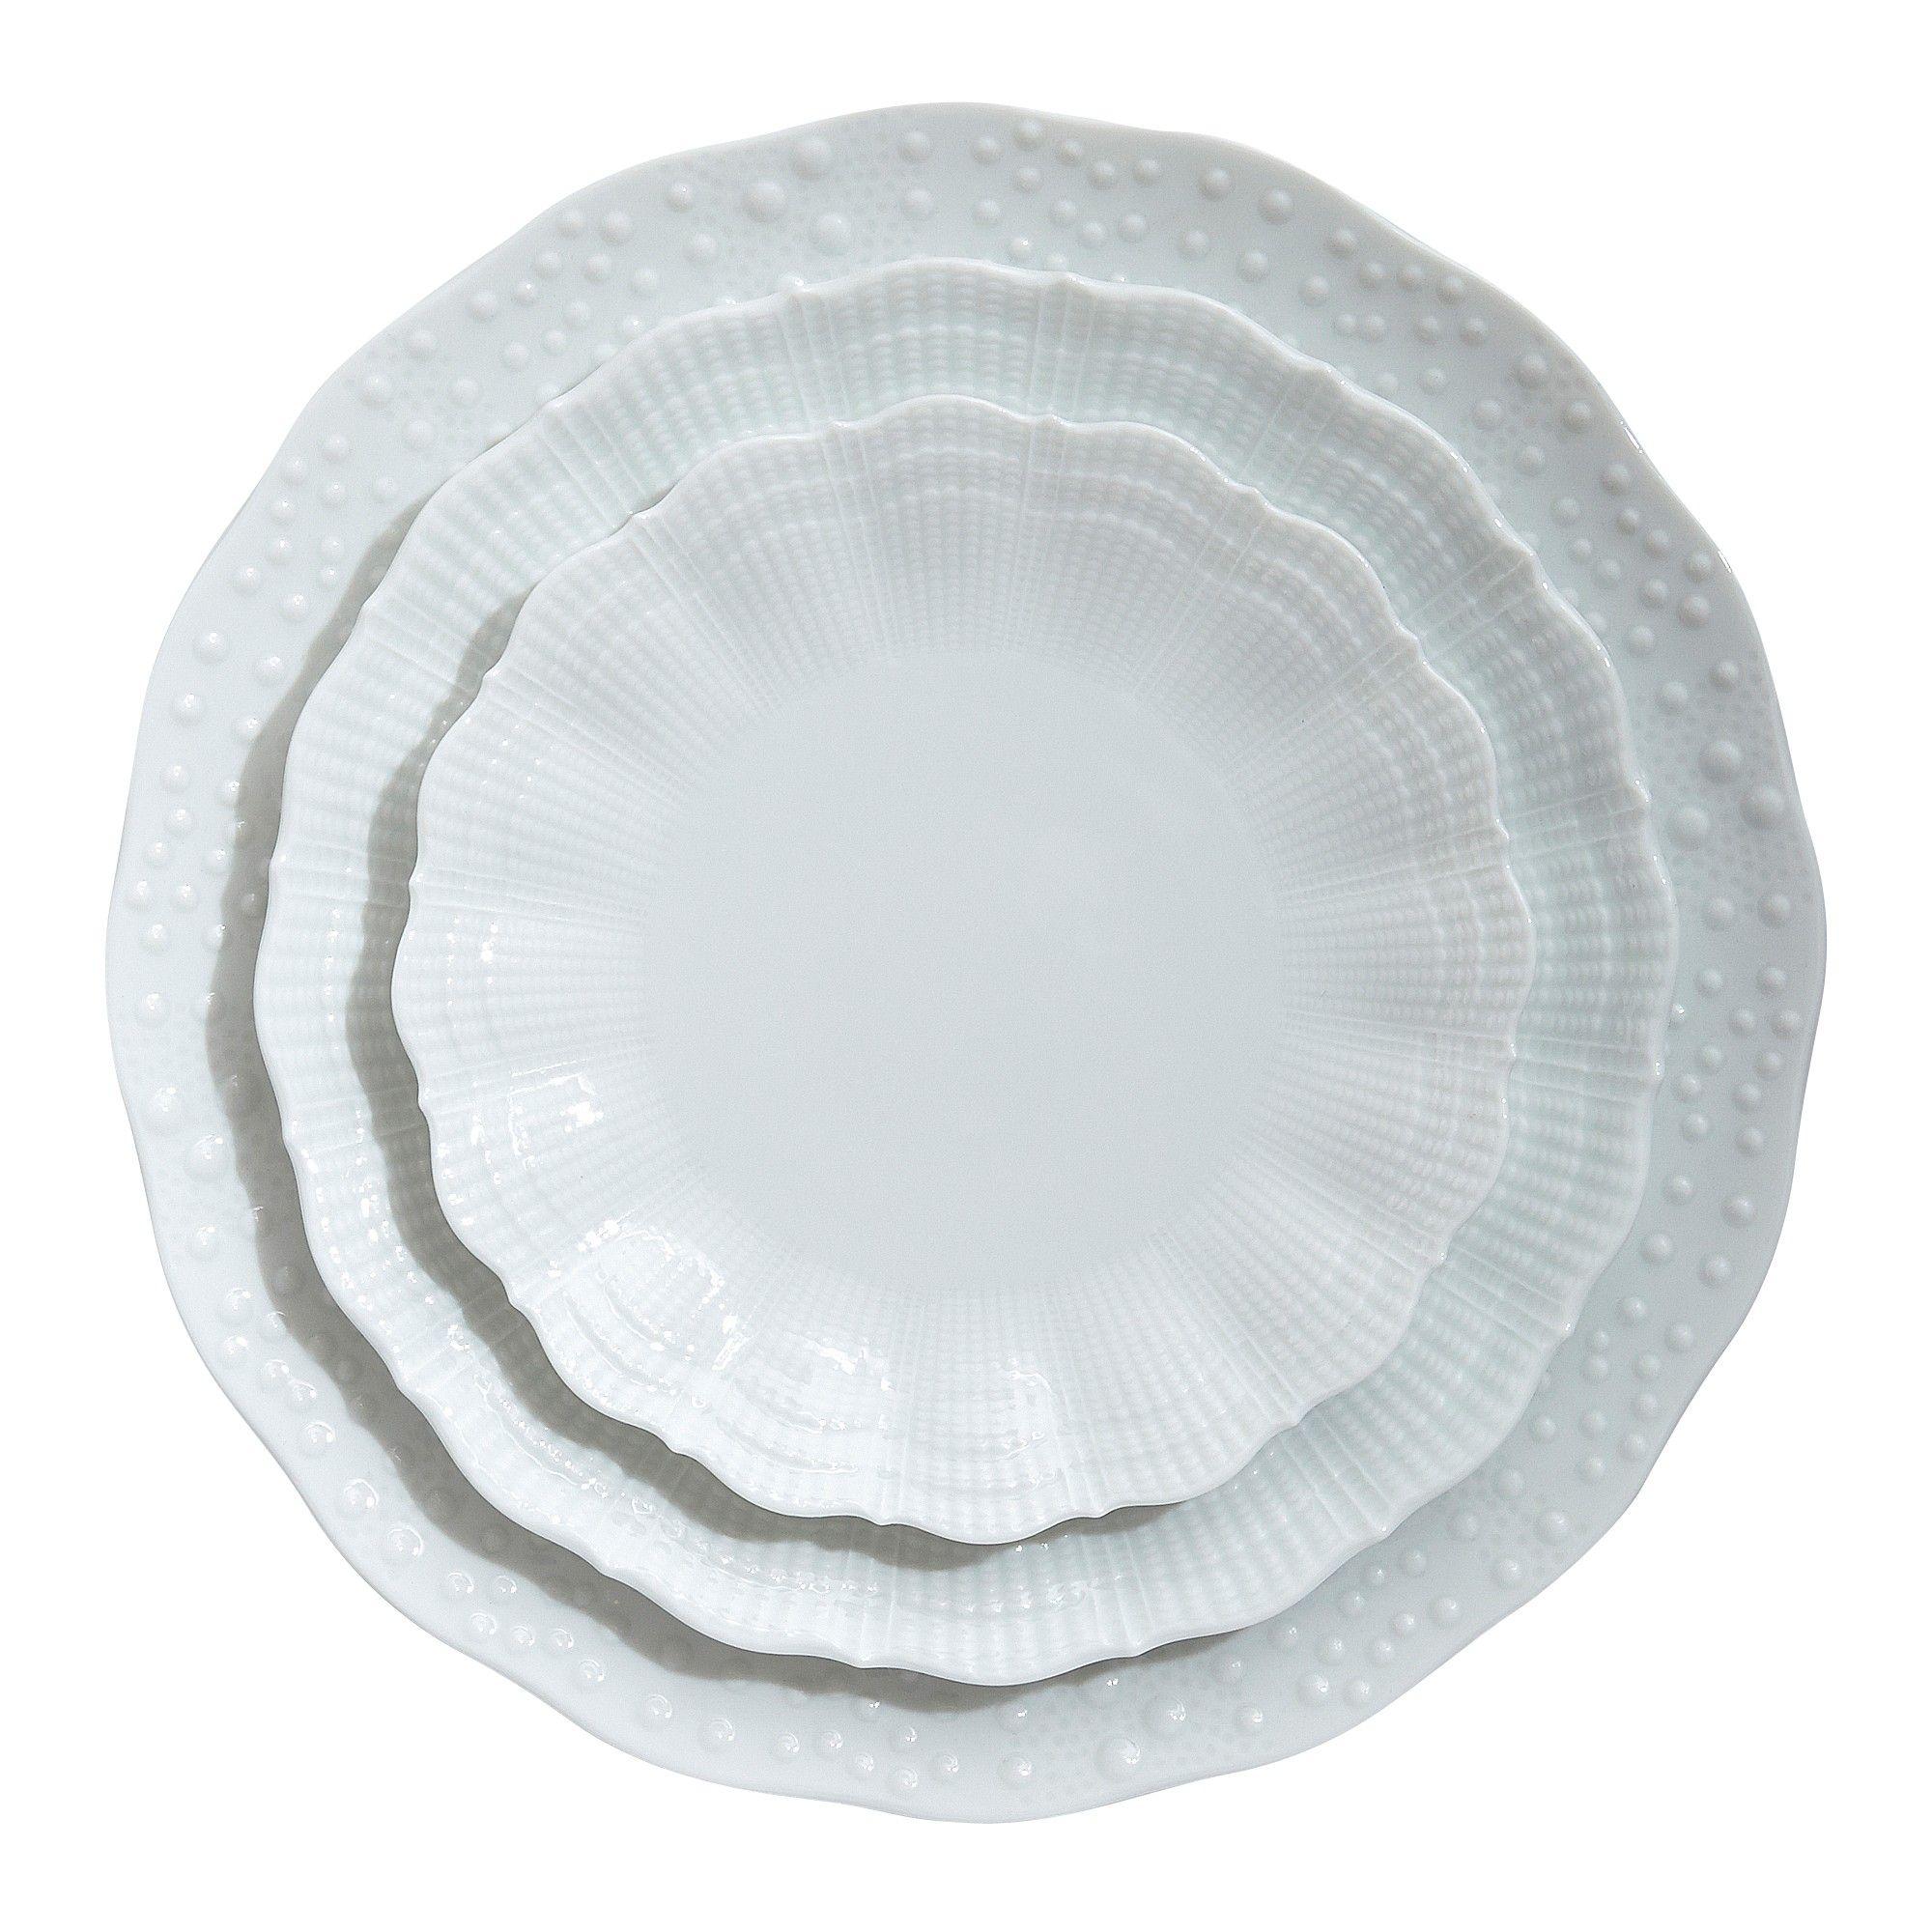 Medard De Noblat Corail Porcelain Dinner Plate  sc 1 st  Pinterest & Medard De Noblat Corail Porcelain Dinner Plate | .tabletop ...